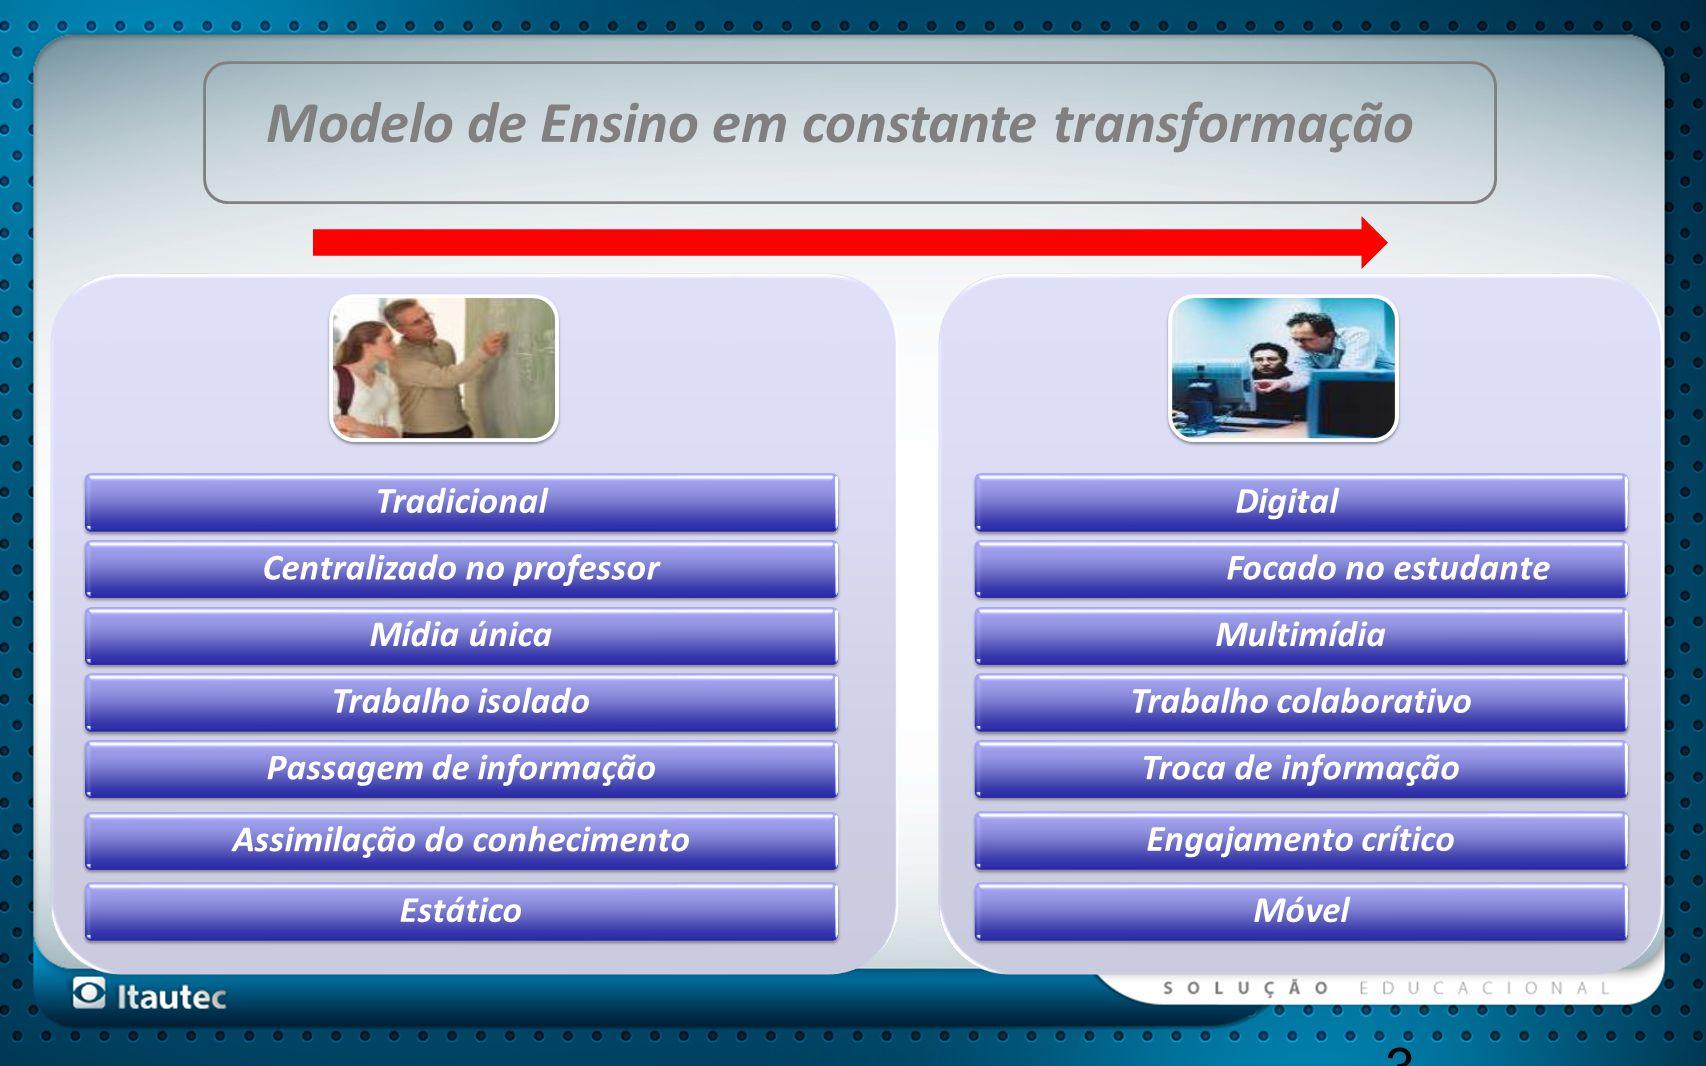 Modelo de Ensino em constante transformação